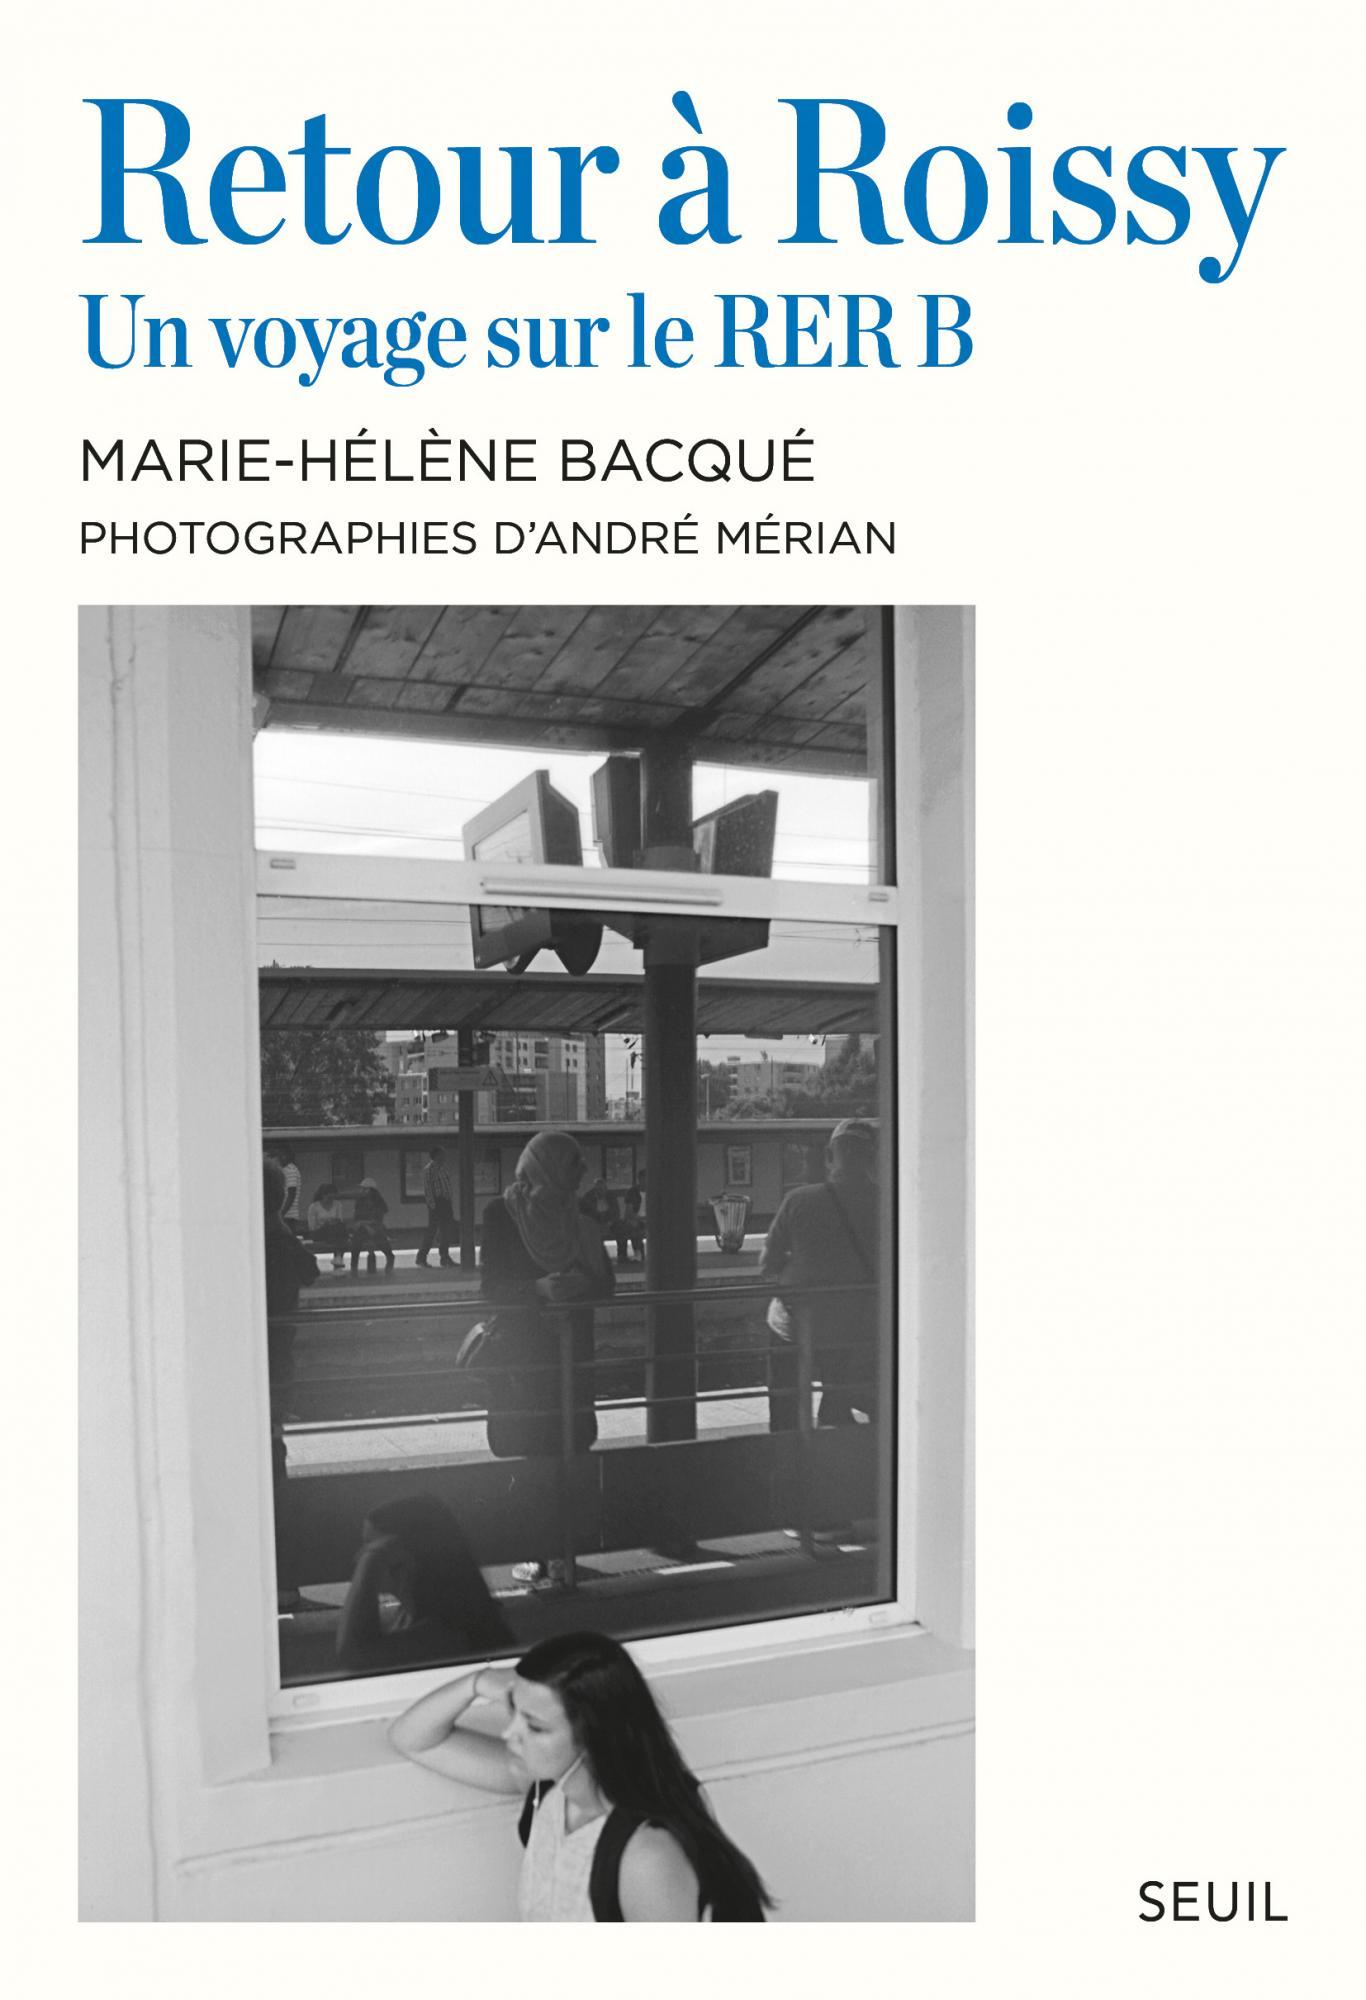 M.-H. Bacqué, A. Mérian, Retour à Roissy. Un voyage sur le RER B